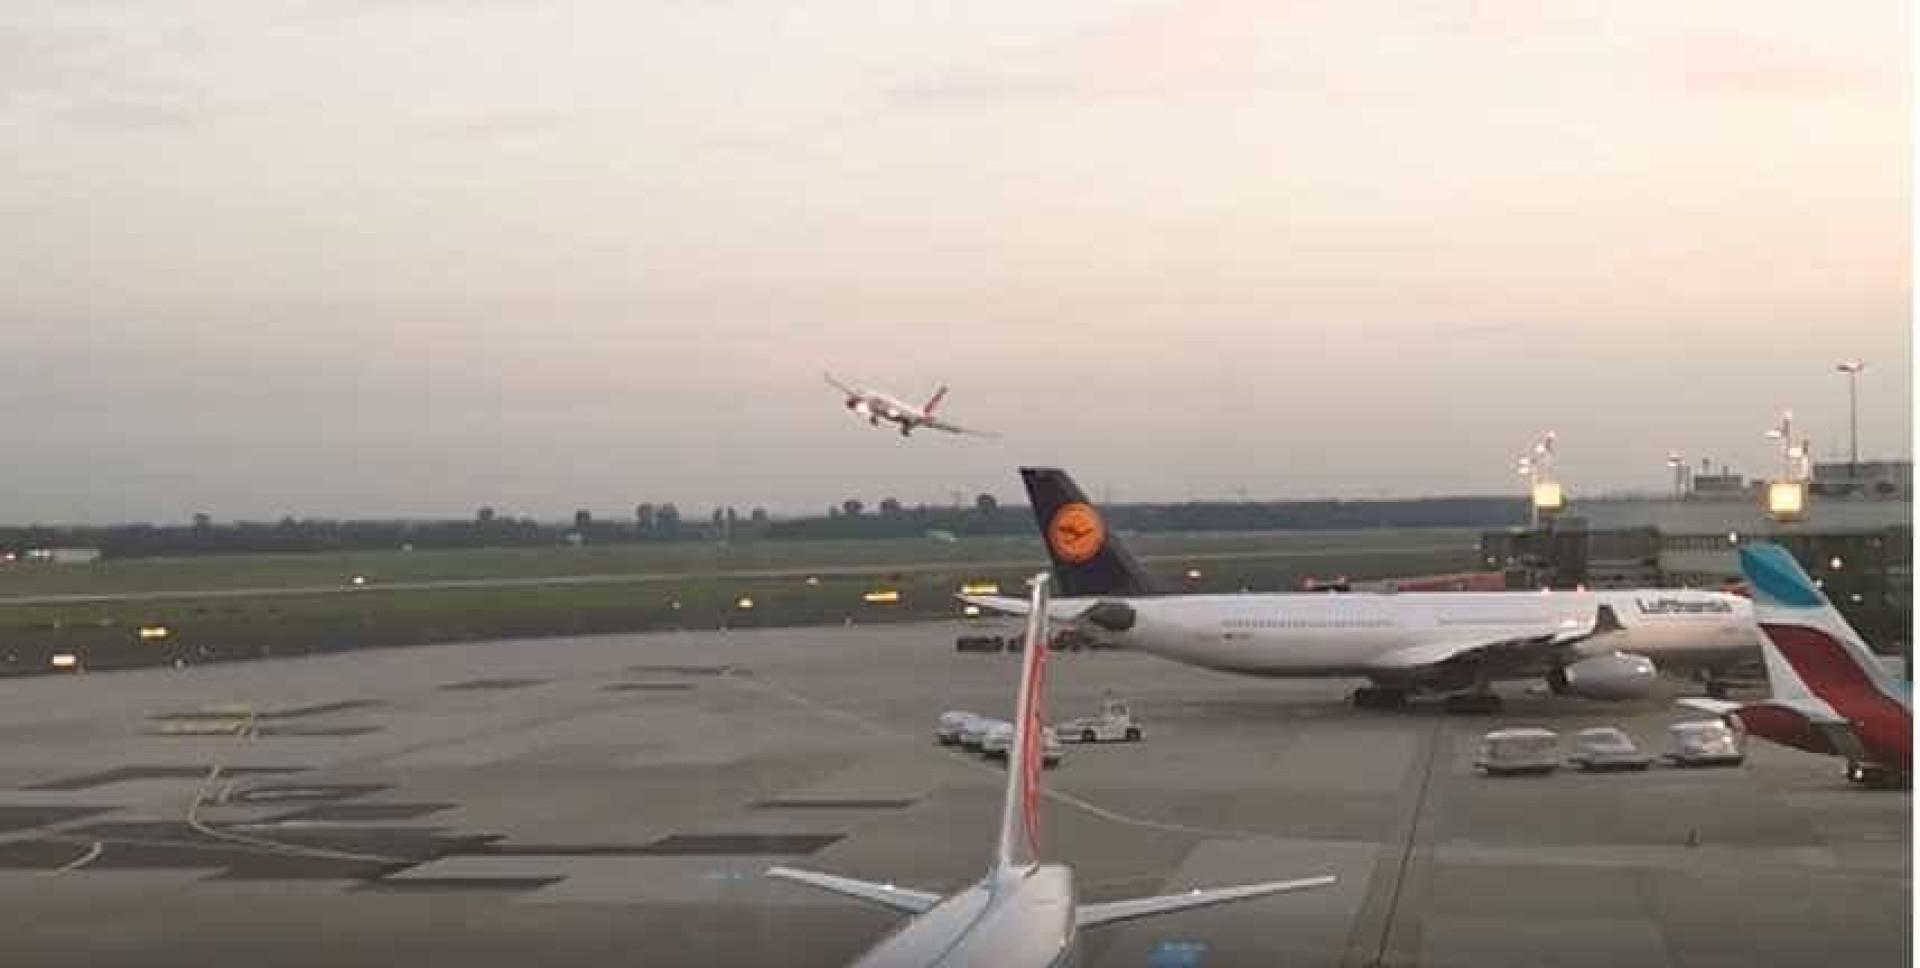 Piloto da Air Berlin é suspenso após manobra arriscada sobre aeroporto